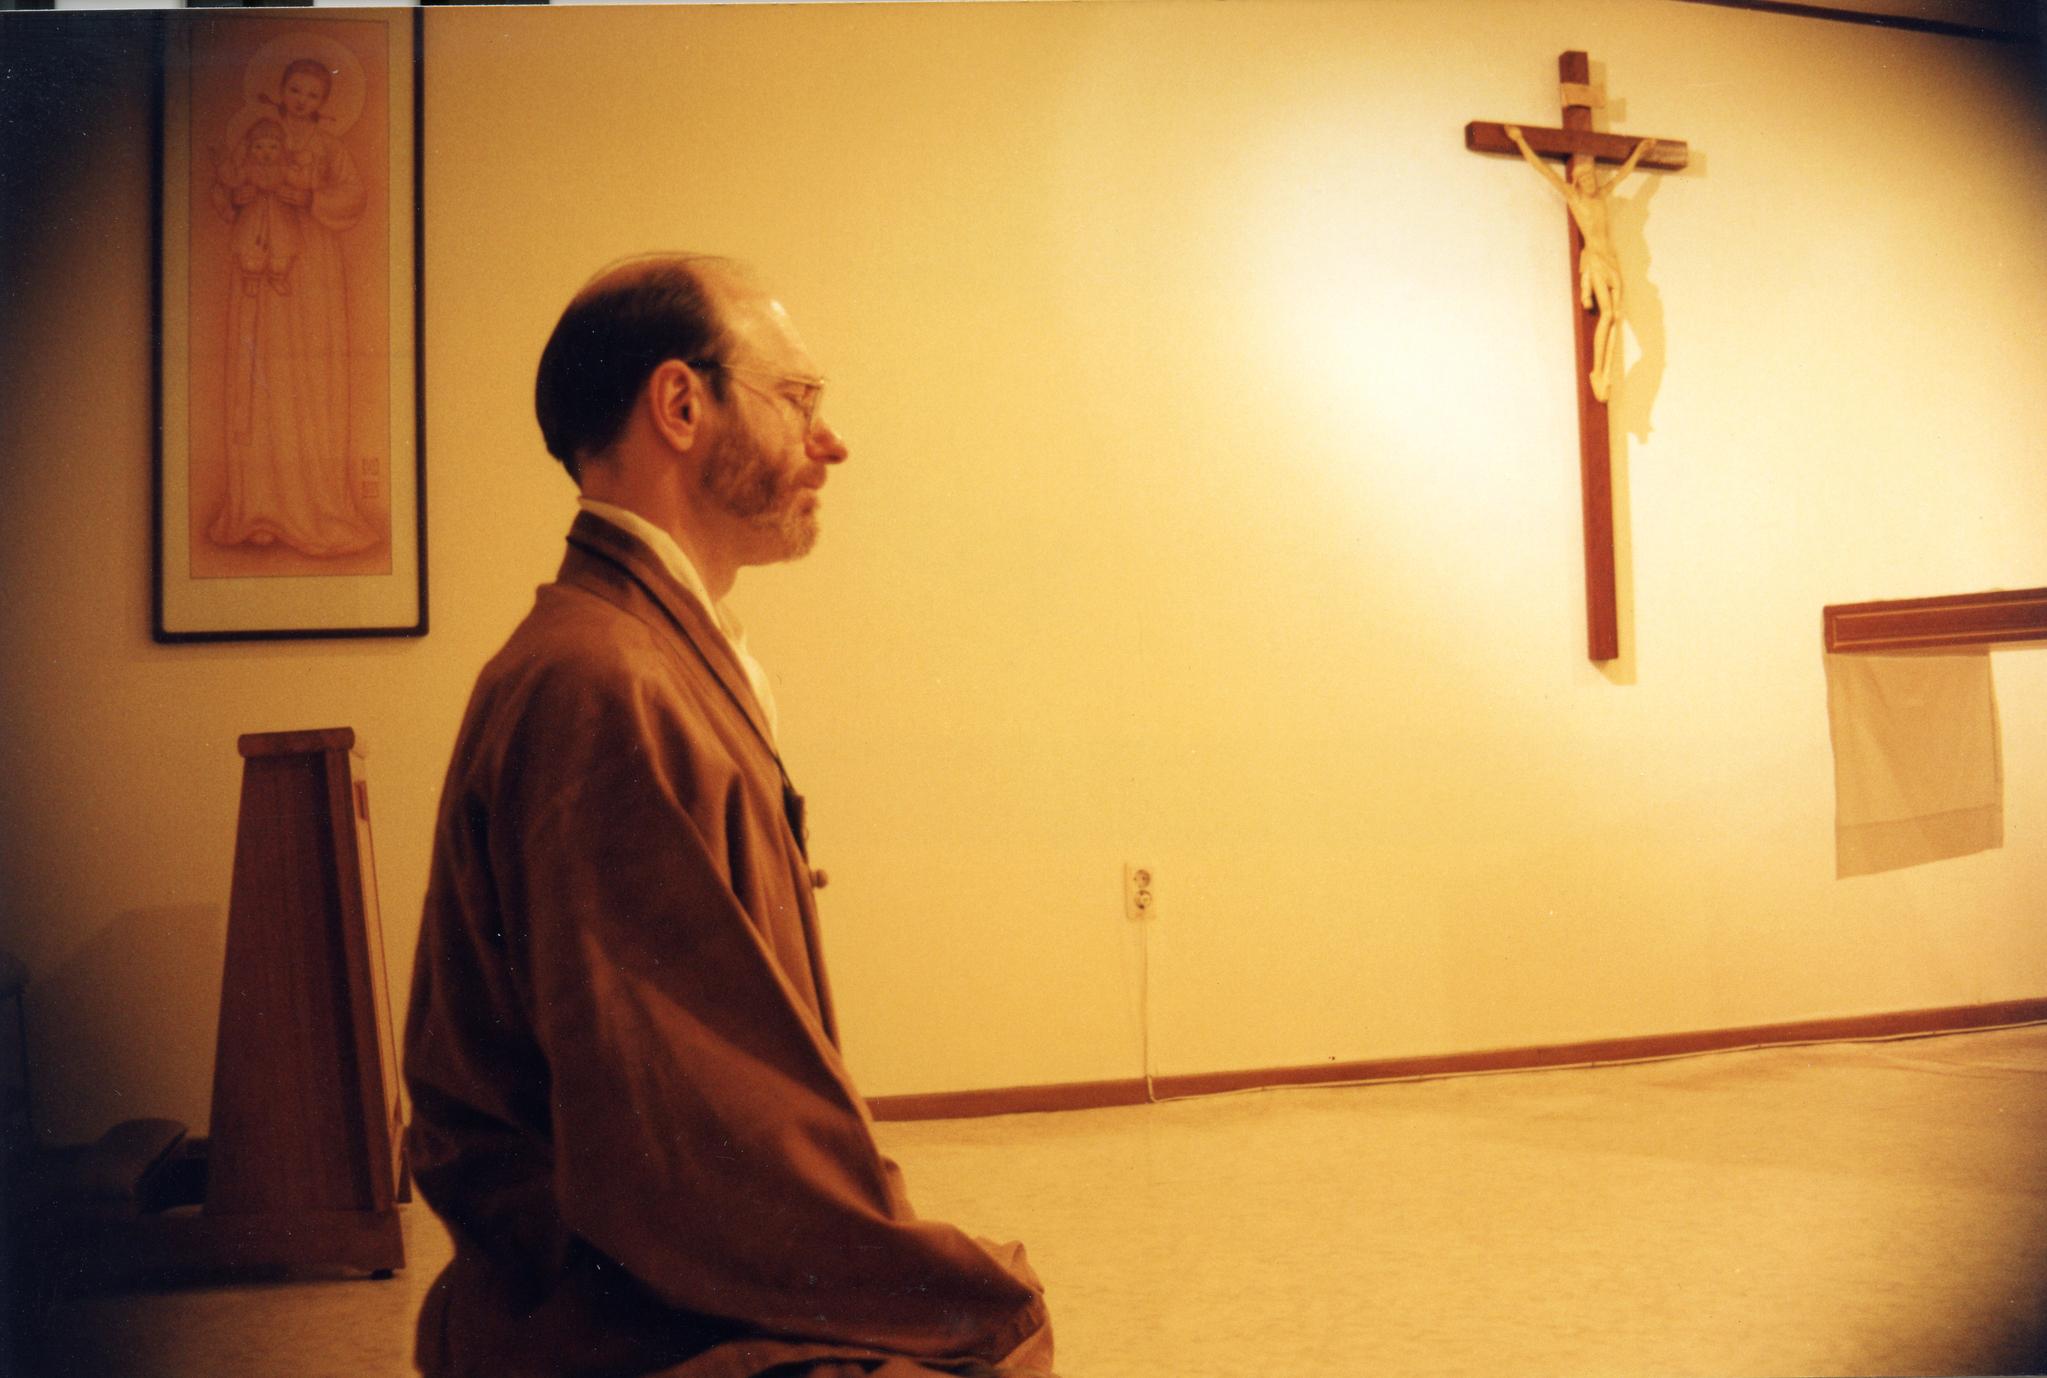 """서명원 신부는 """"나의 정체성은 그리스도인이다. 그런데 동양의 유교, 불교, 도교를 만나면서 나는 우물 밖으로 나온 개구리가 됐다. 이제는 세계 종교라는 큰 바다에서 헤엄을 쳐도 익사하지 않고 편안하게 살 수 있는 개구리가 됐다. 나의 종교관은 엄청나게 성숙했다""""고 말했다. 그는 불교를 알게 되면서, 그리스도교의 본질이 무엇인지 더 명확하게 알게 됐다고 했다. [사진 서명원 신부]"""